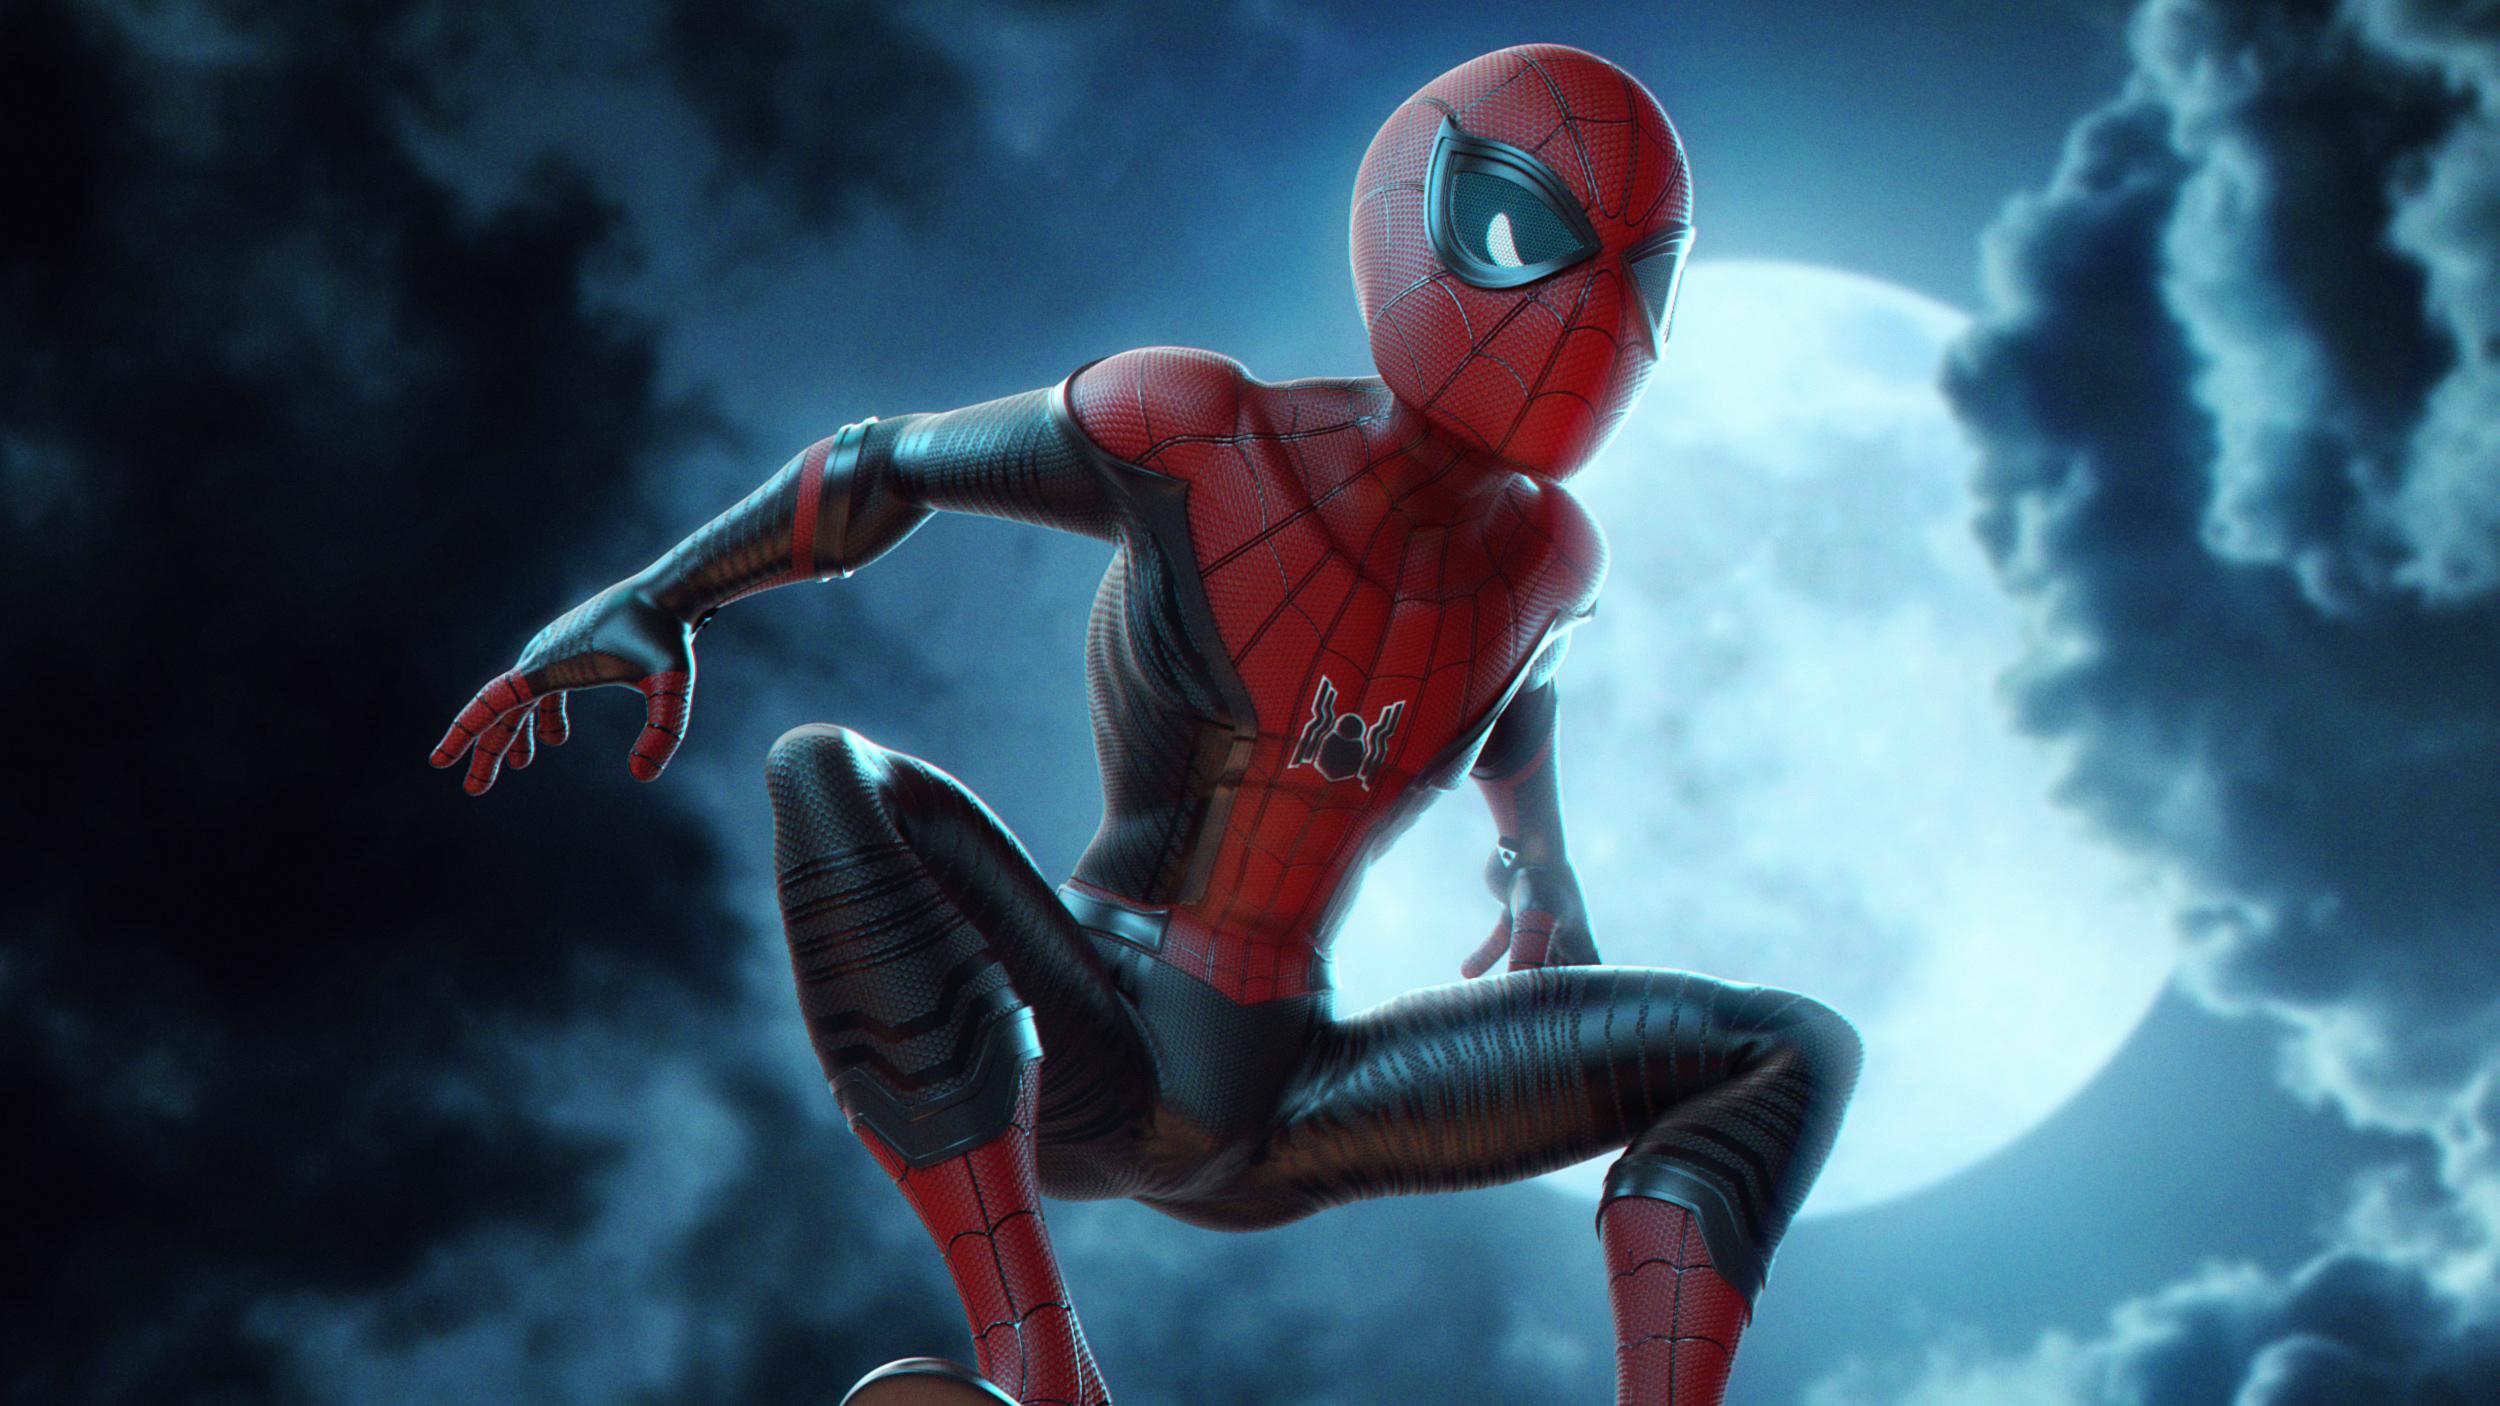 1600x900 SpiderMan Into The Spider Verse Movie Digital